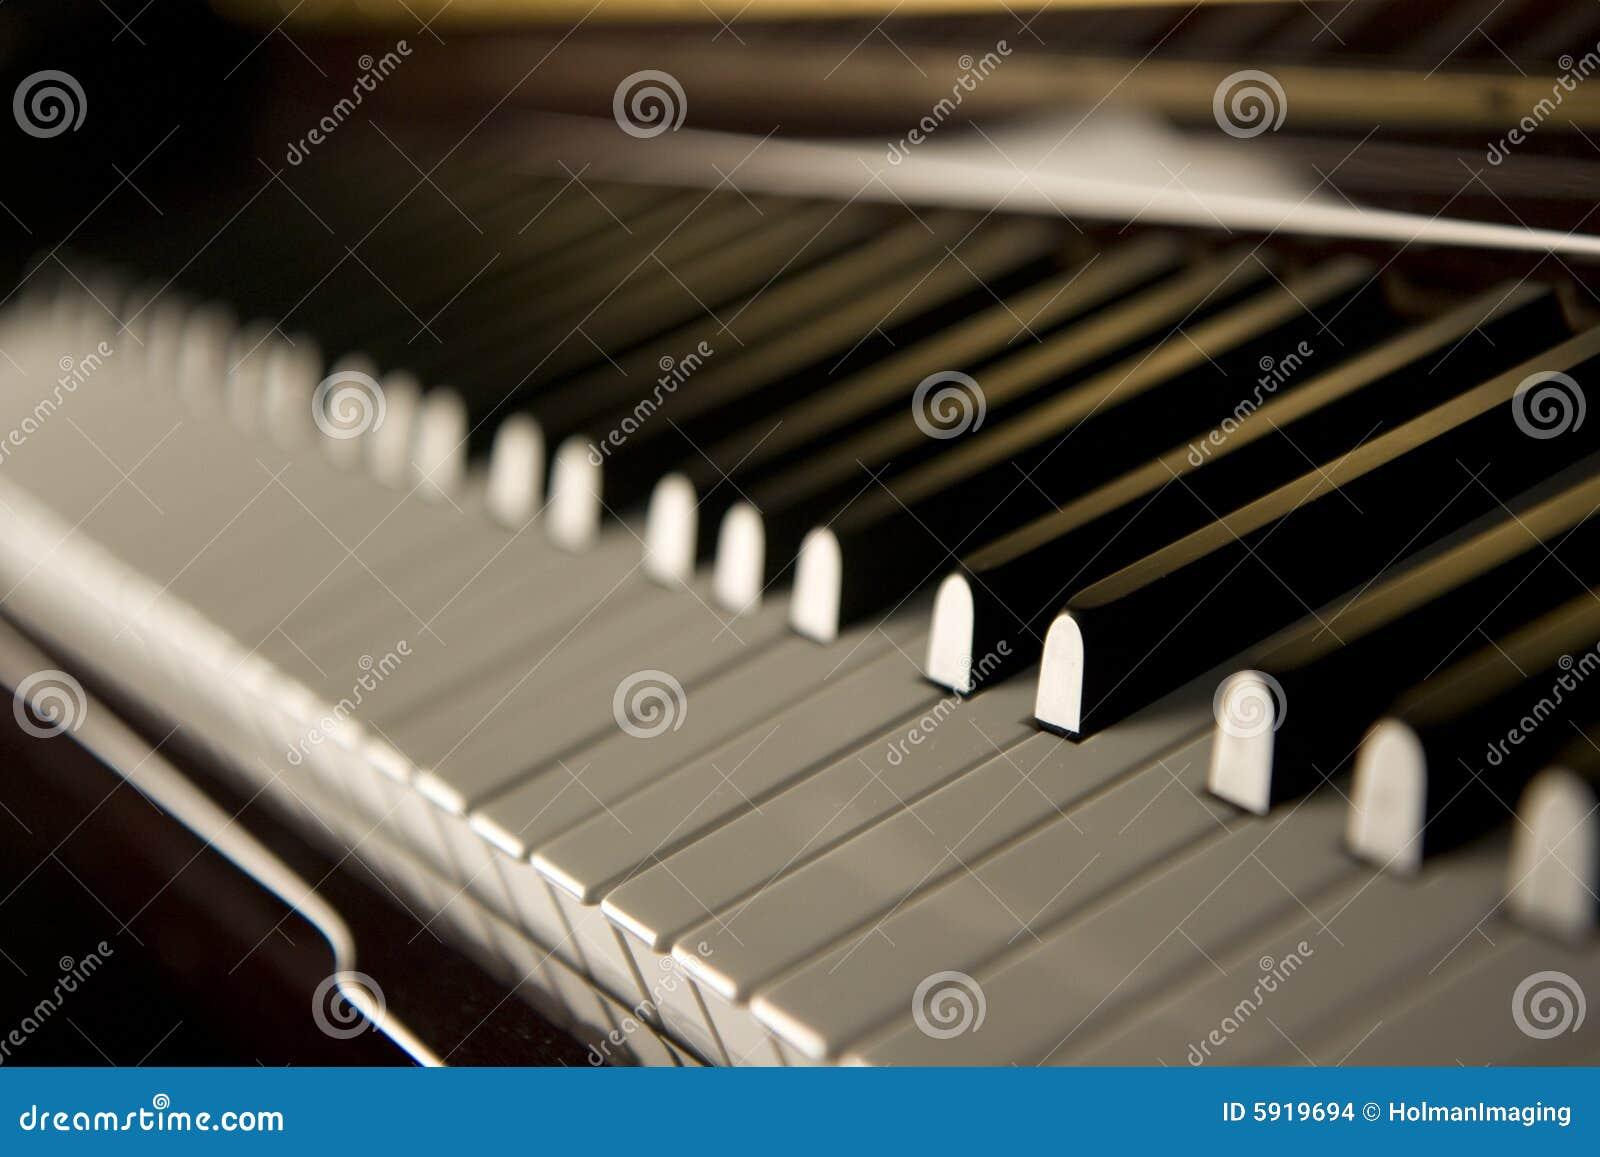 Jazz keys pianot